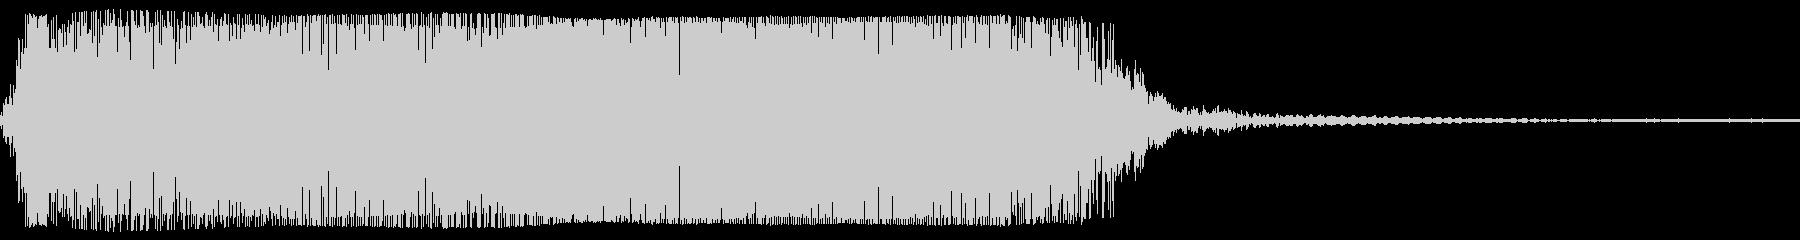 ギターメタルパワーコードzm wの未再生の波形